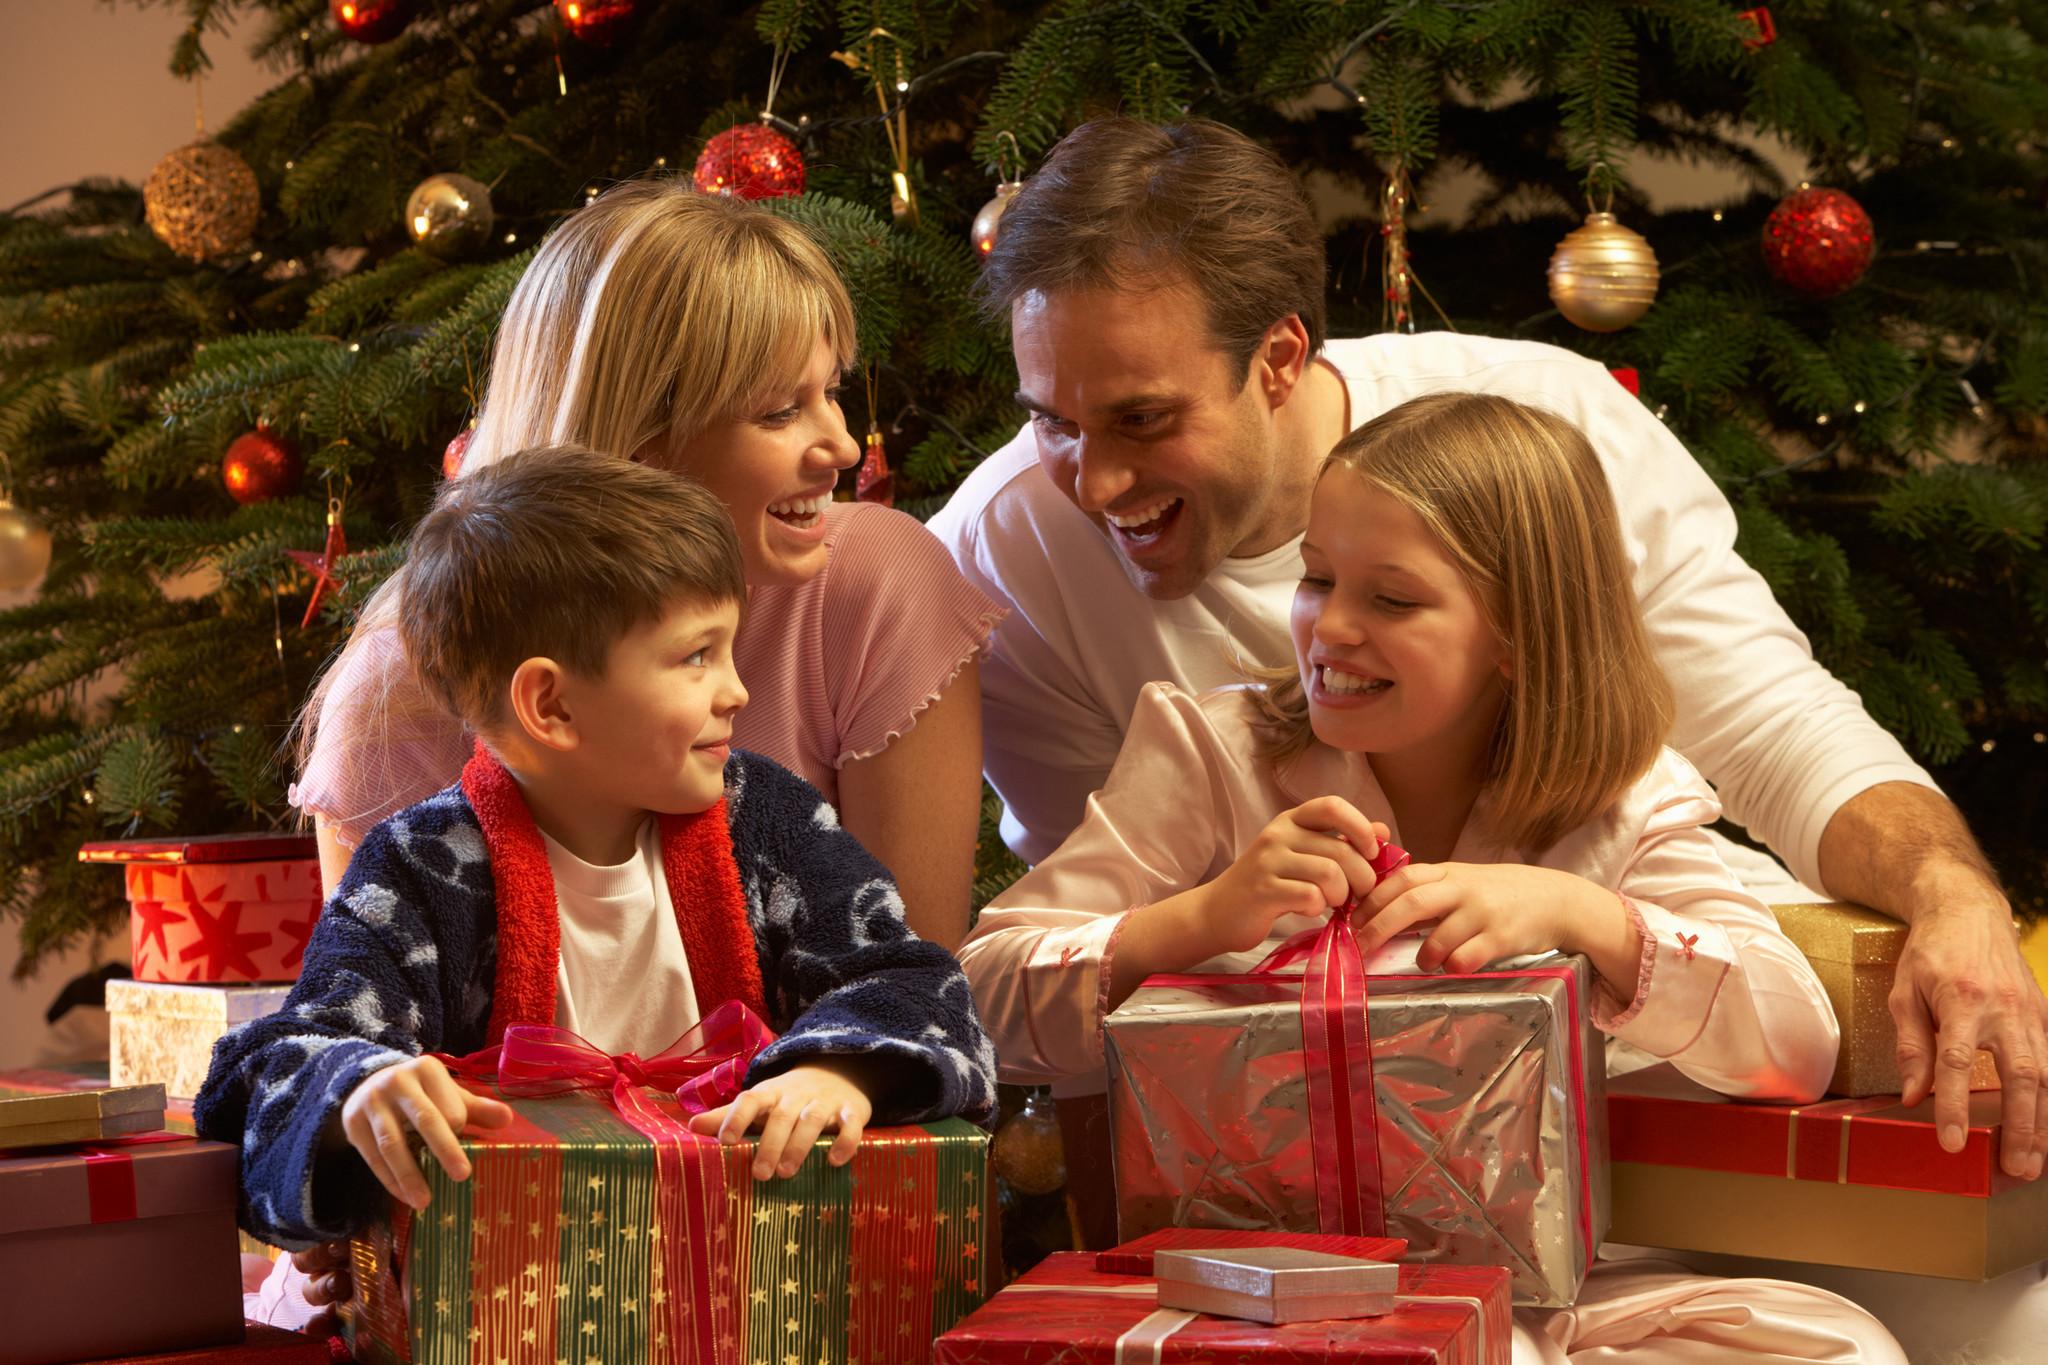 113 идей, что подарить родителям на новый год 2021 + список подарков и советы